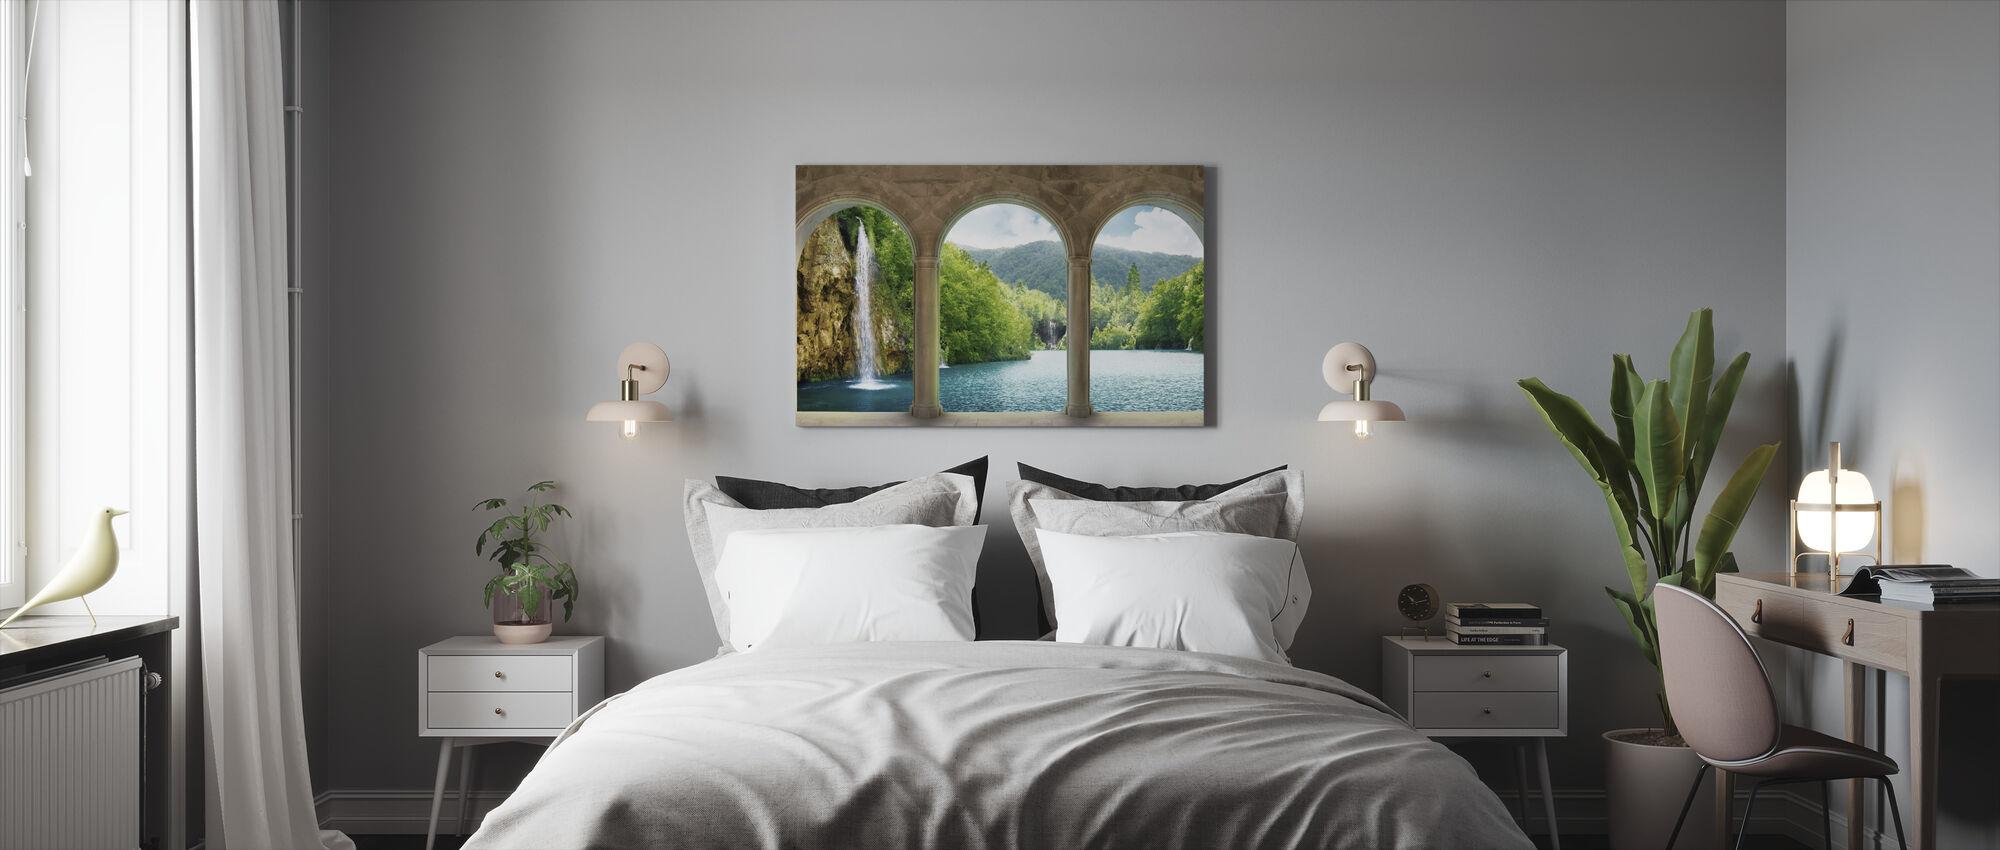 Wasserfall hinter dem Tresor - Leinwandbild - Schlafzimmer